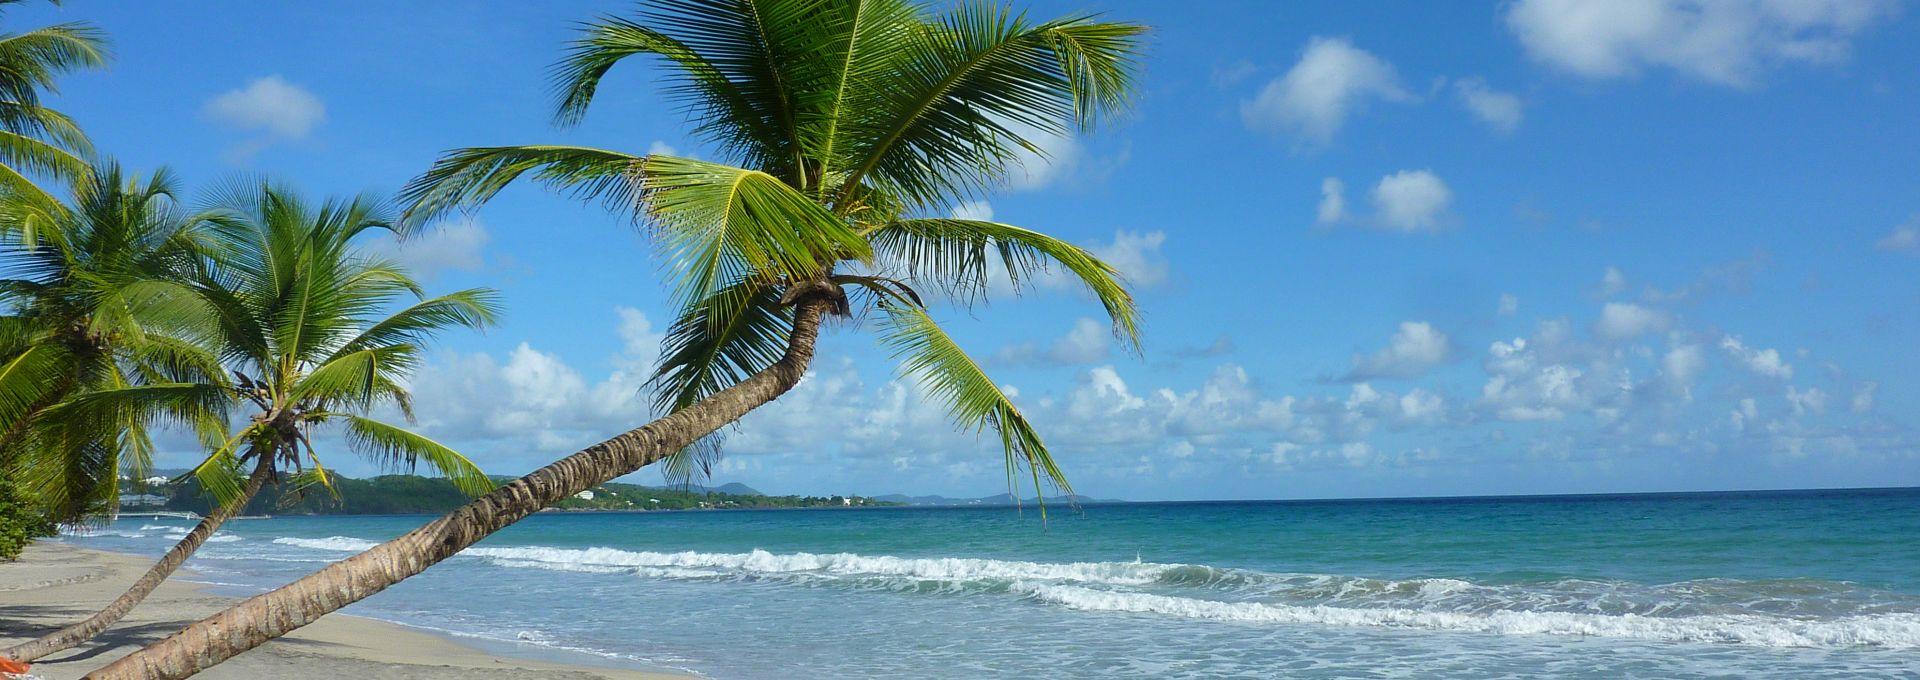 Plage du Diamant en Martinique